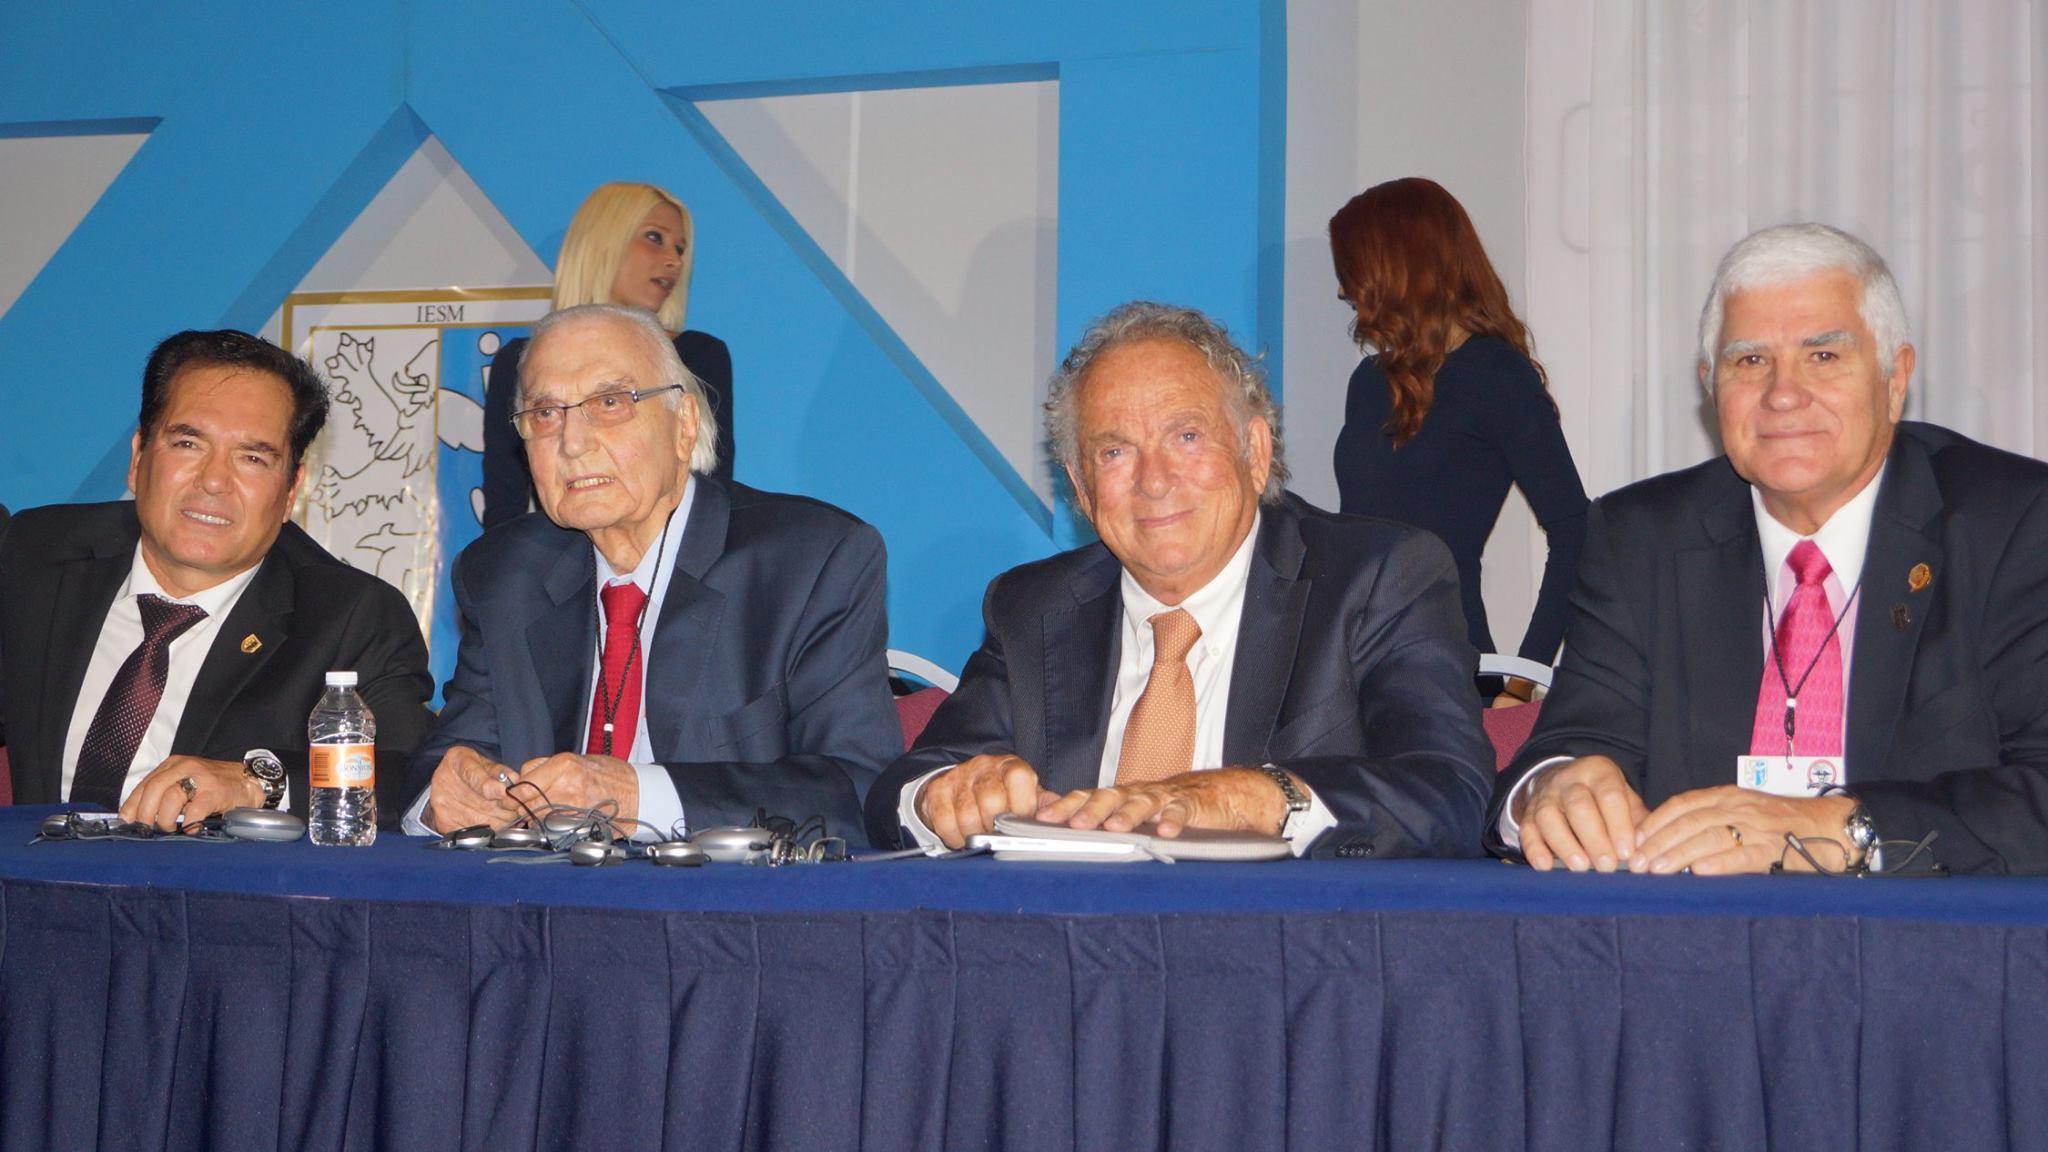 Concluye exitosamente el Congreso Internacional de Cirugía Estética